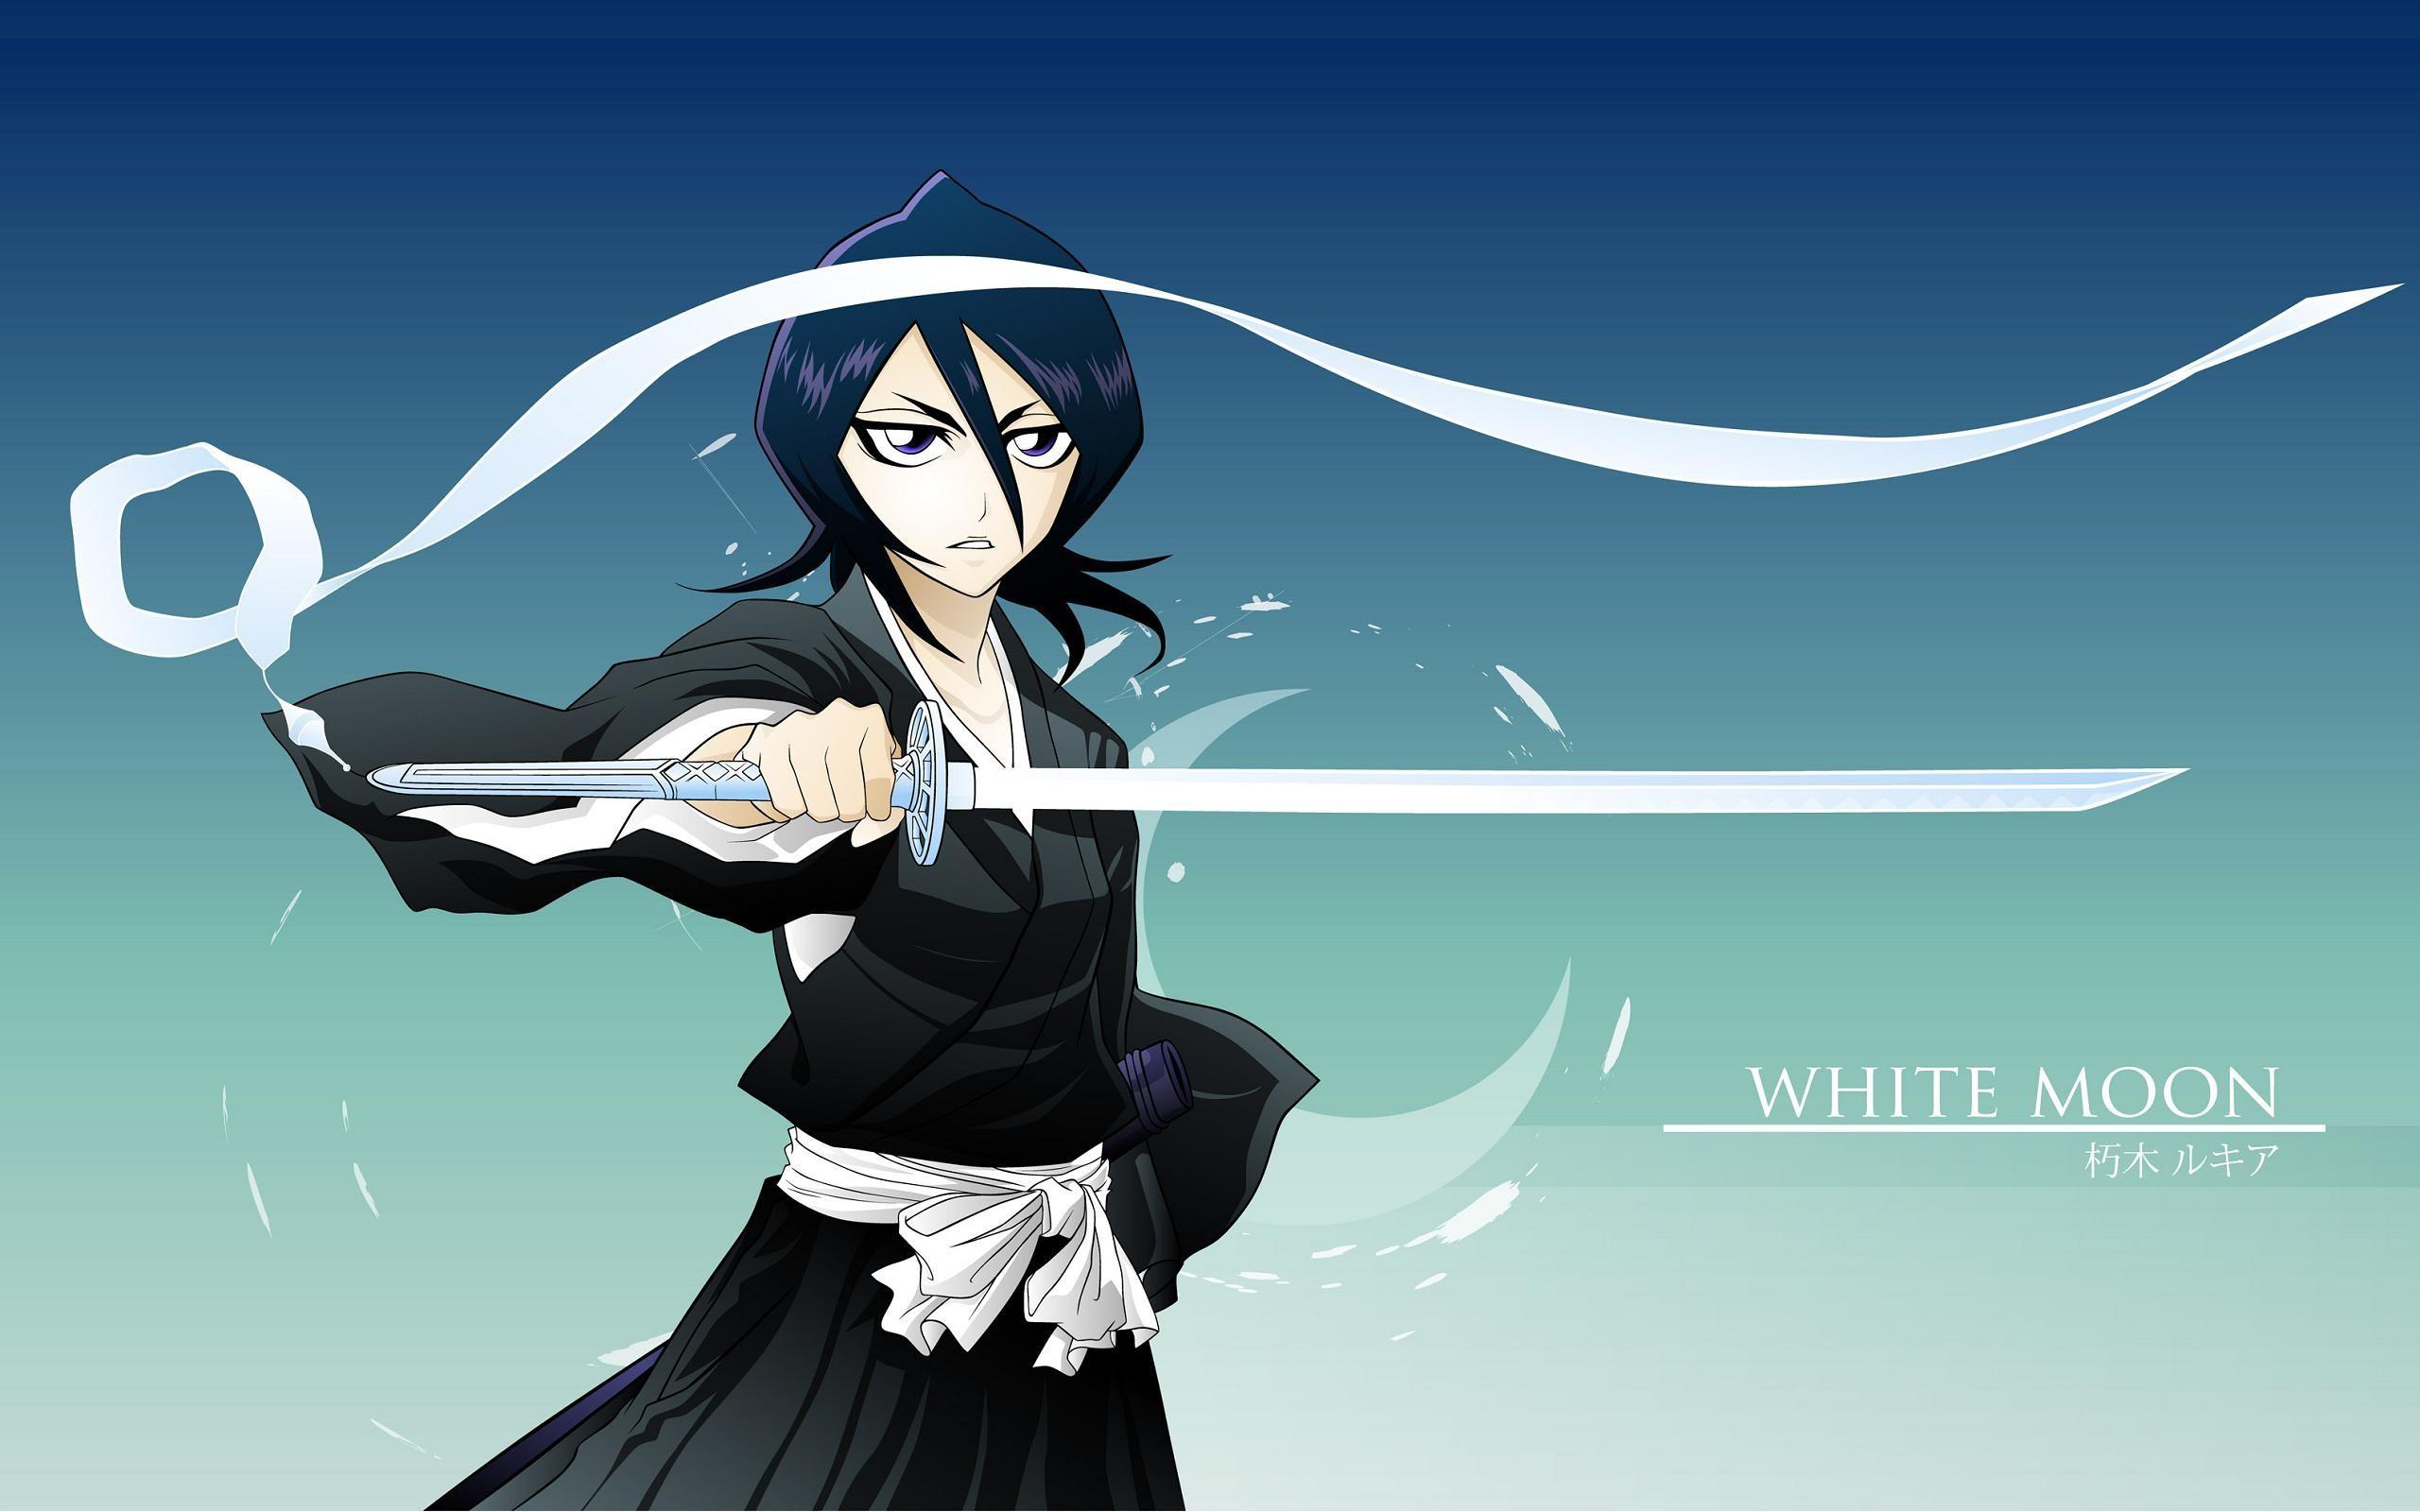 Девушка с катаной, аниме Белая луна - обои для рабочего ... Девушка с Катаной